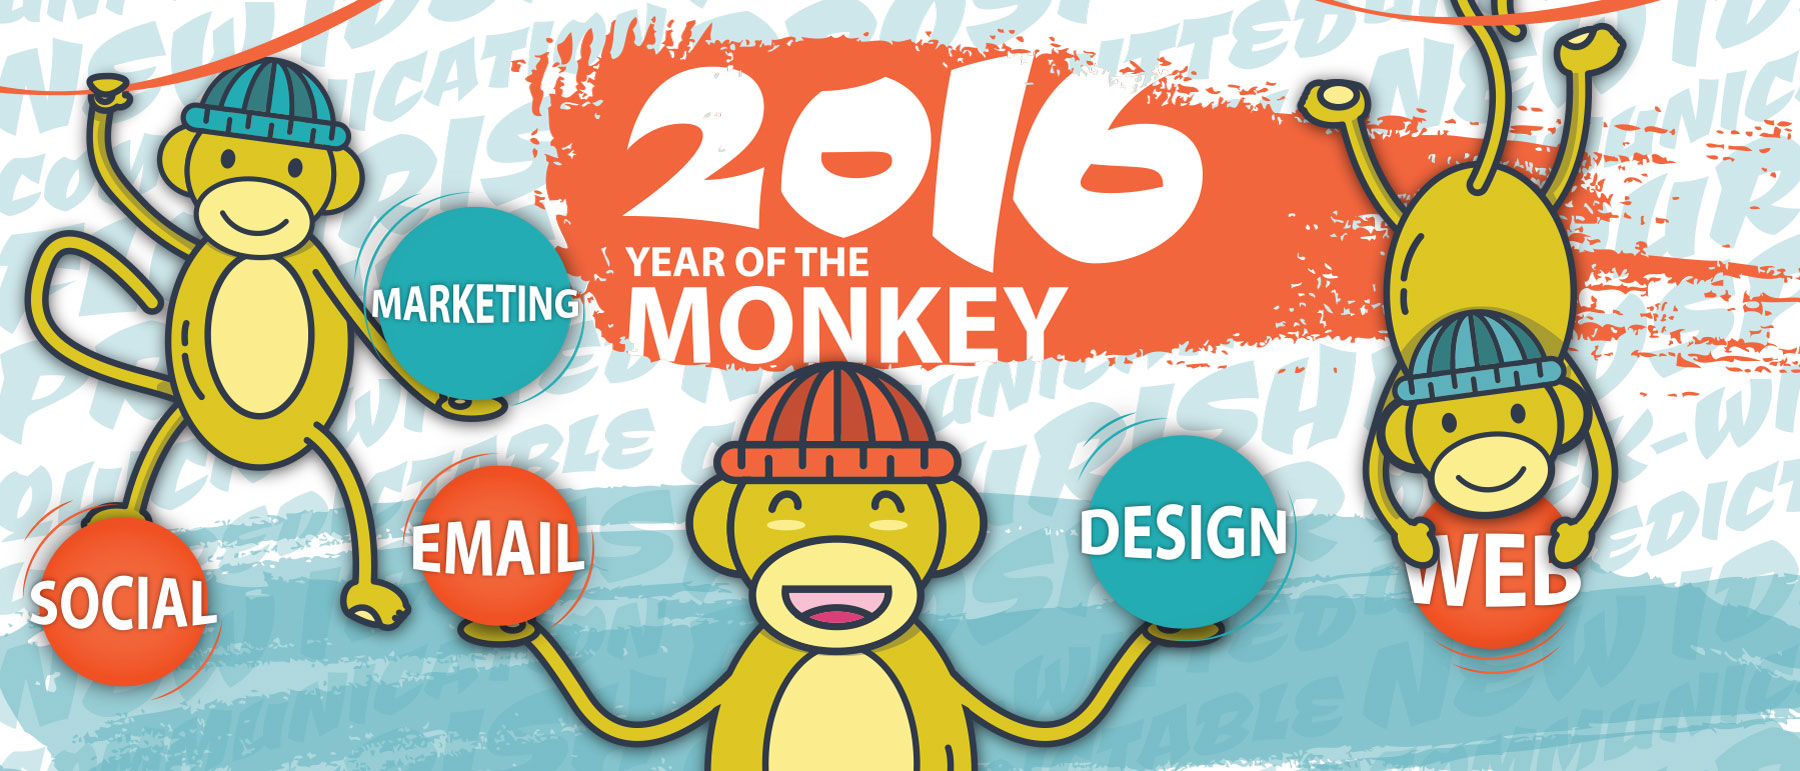 year_of_monkey